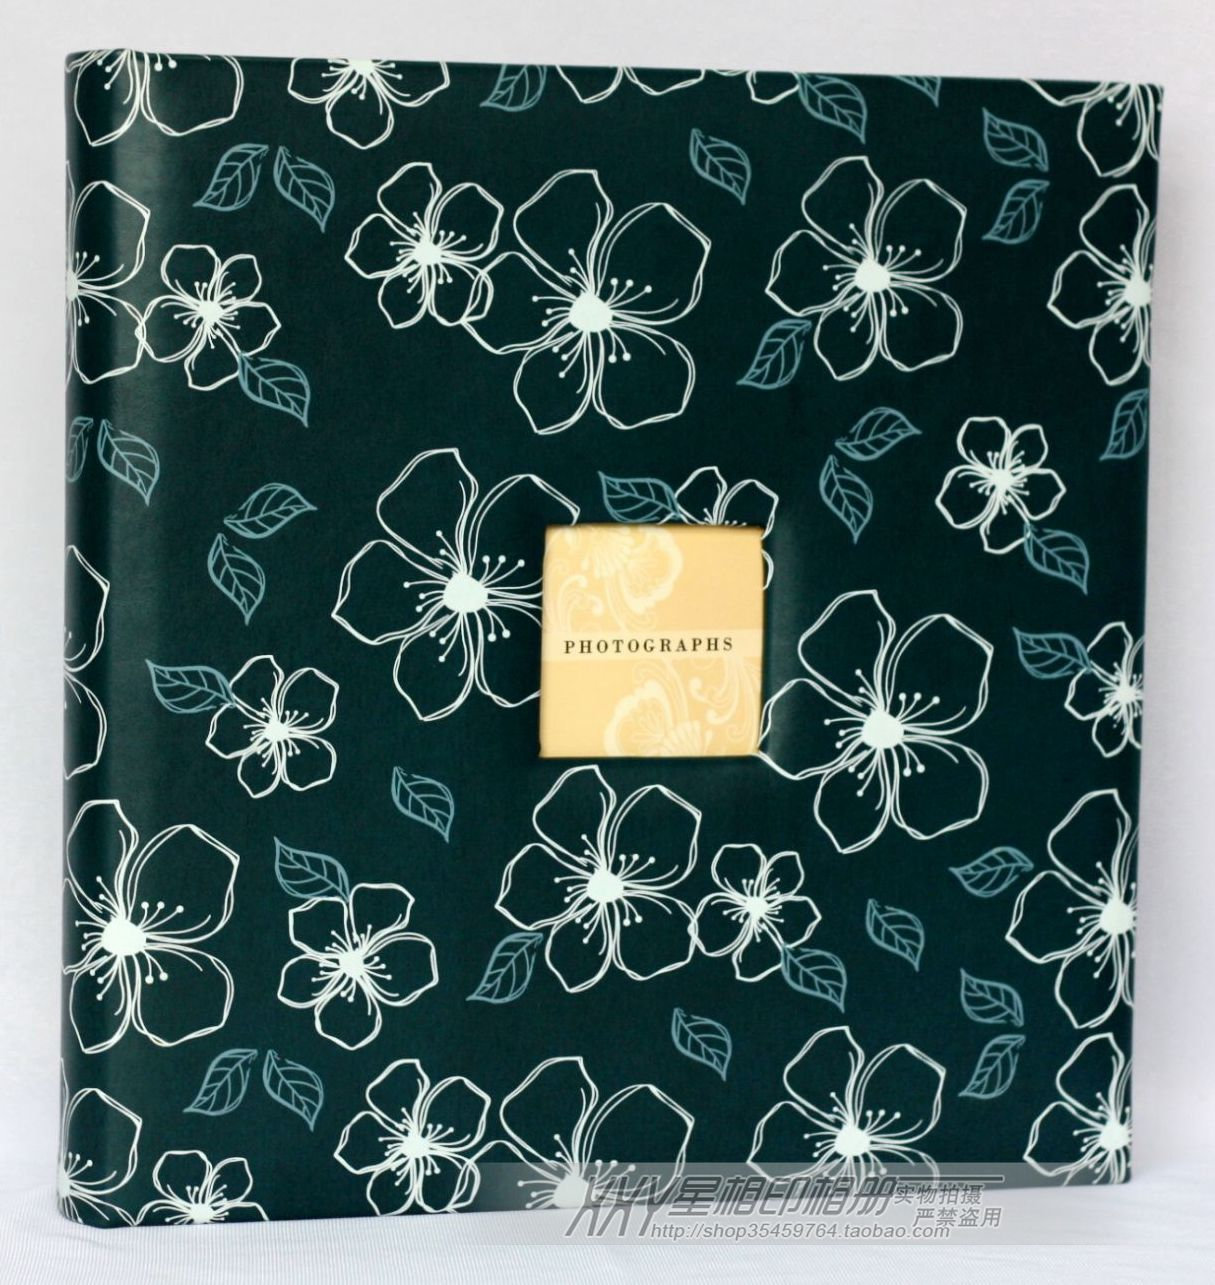 free shipping Fine photo album photo album quality multicolour faux leather byelaya viscose 20 40